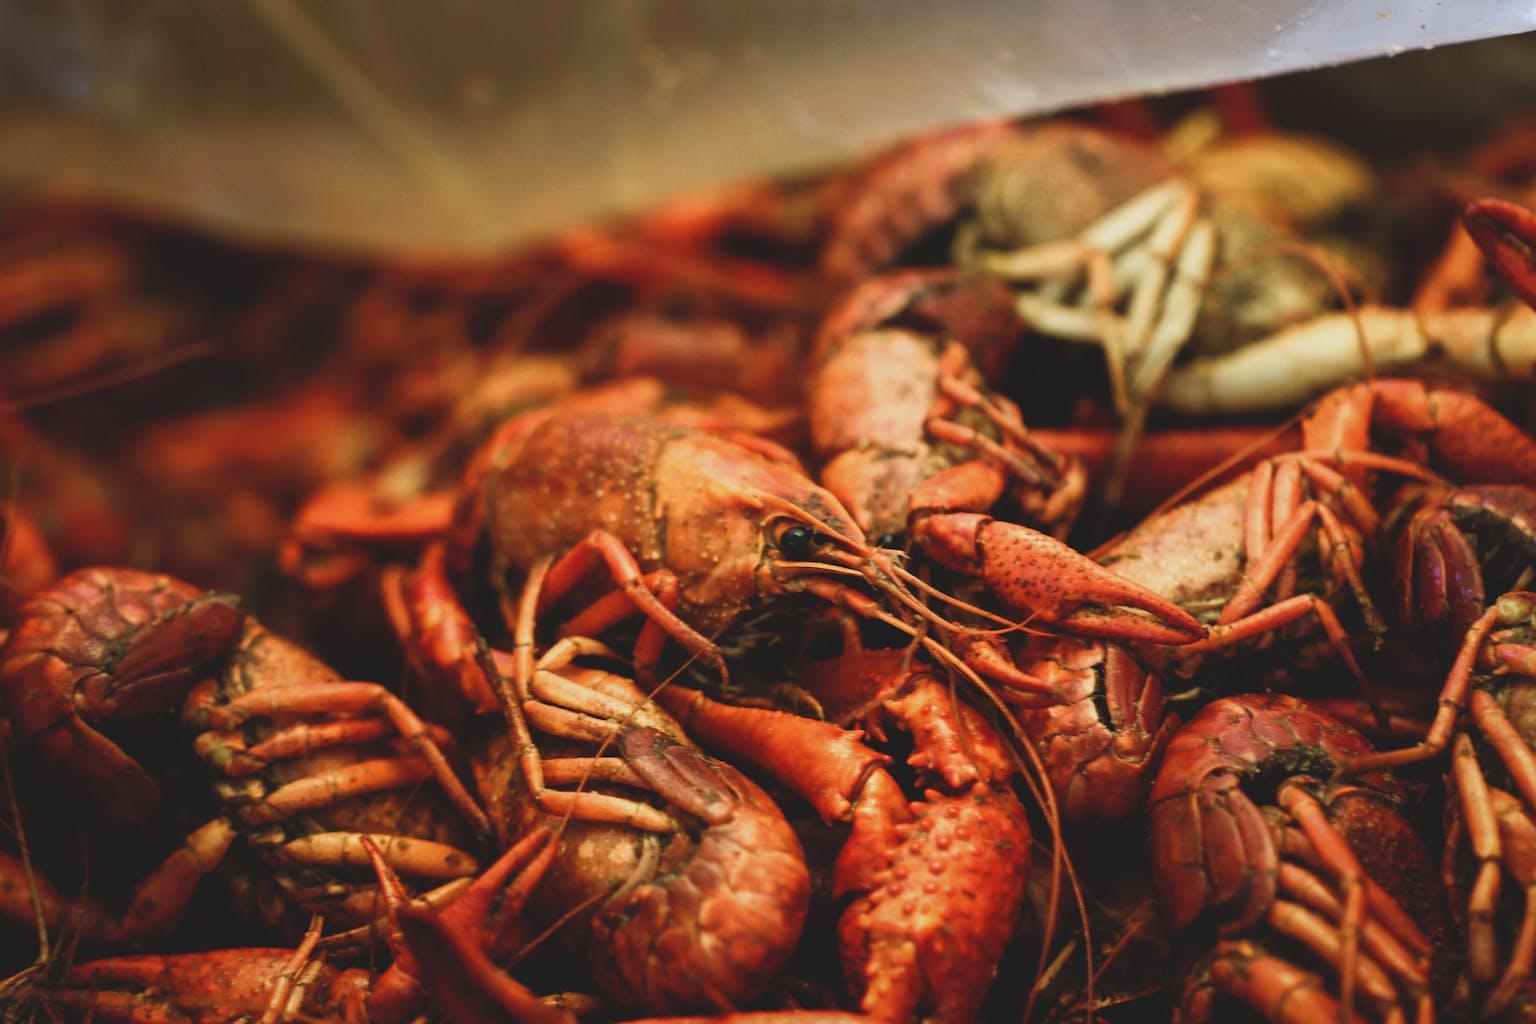 NOLA, New Orleans food, seema food, seema.com, seema network, seema spices, seema 2020, seema trends, seema newsletter, Mardi Gras, Mardi Gras 2020